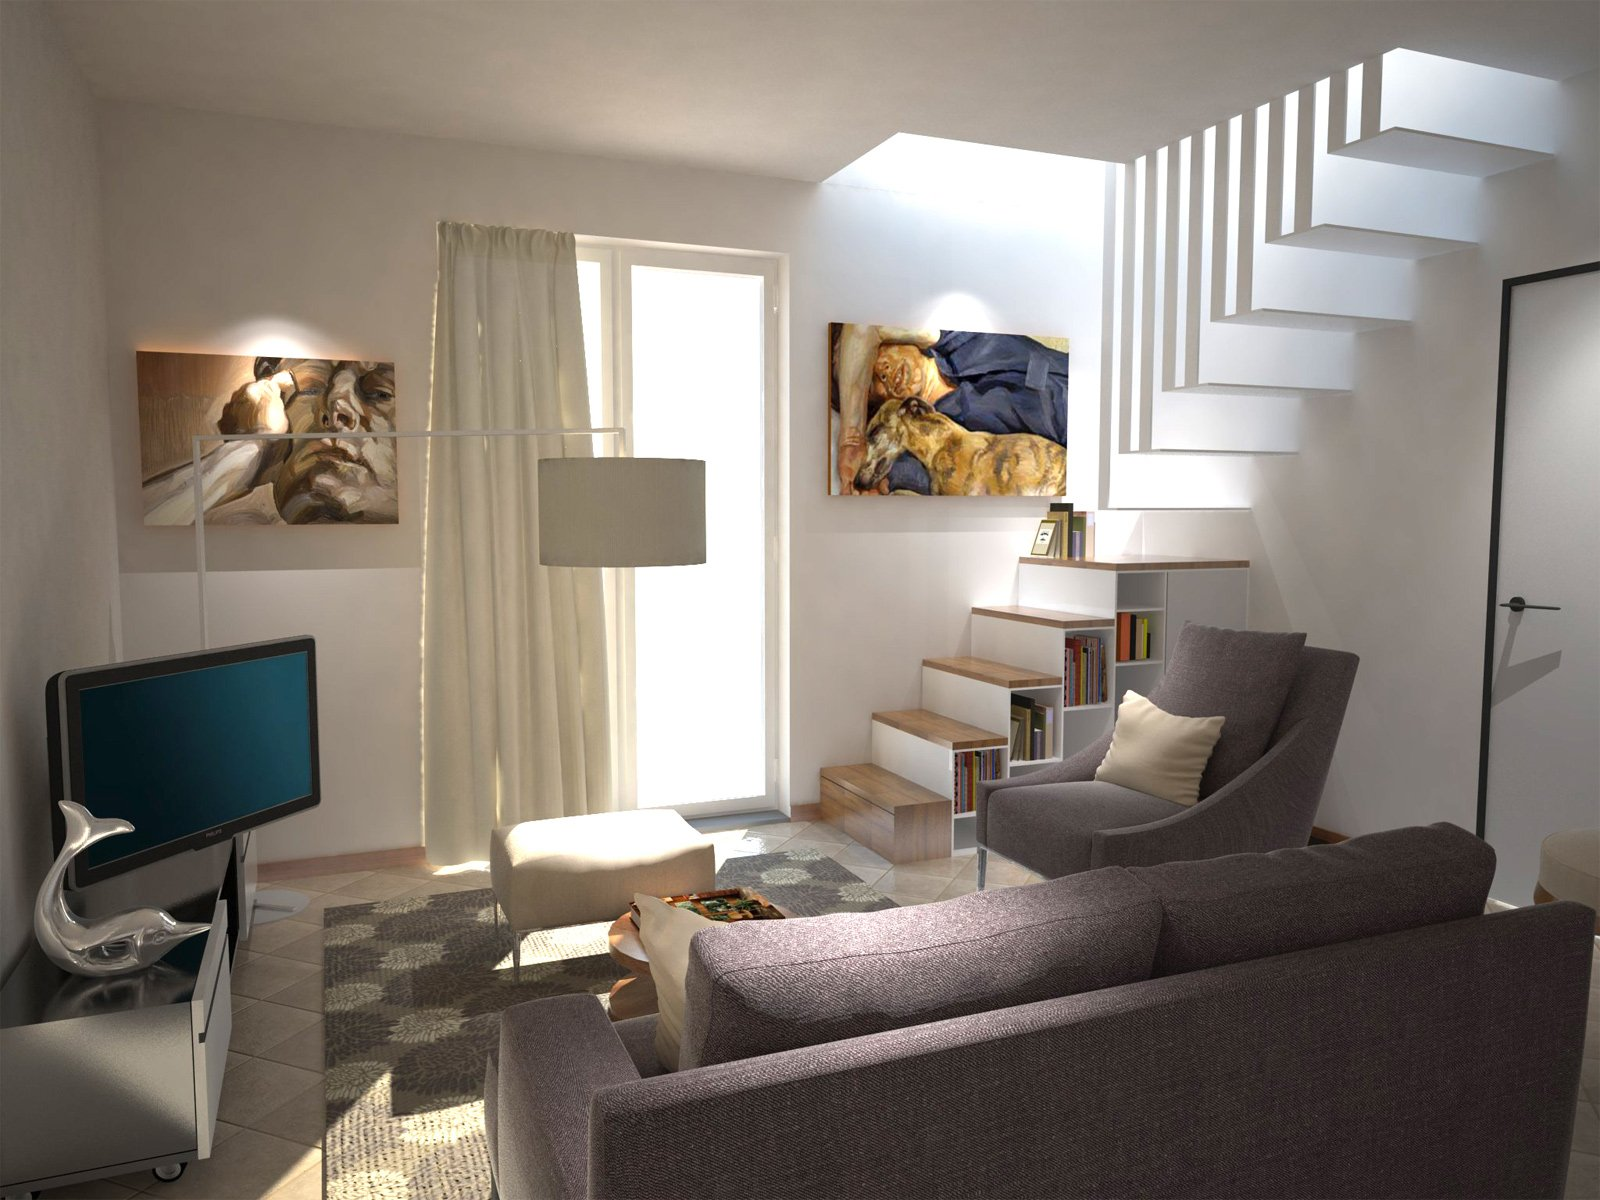 Arredare un soggiorno con tante aperture sulle pareti - Idee per arredare soggiorno ...